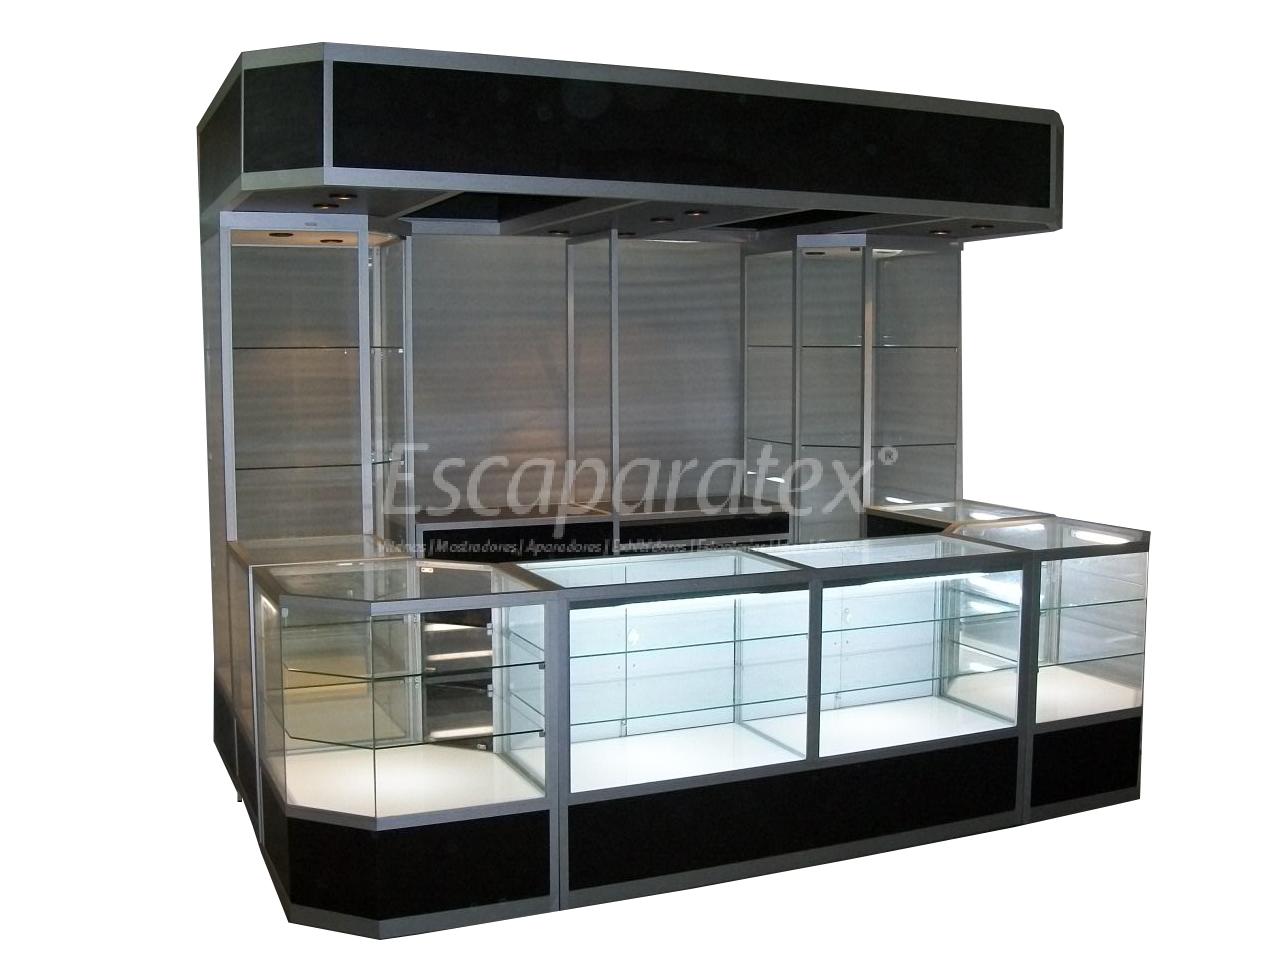 Islas kioscos archivos vitrinas mostradores for Diseno de kioscos en madera